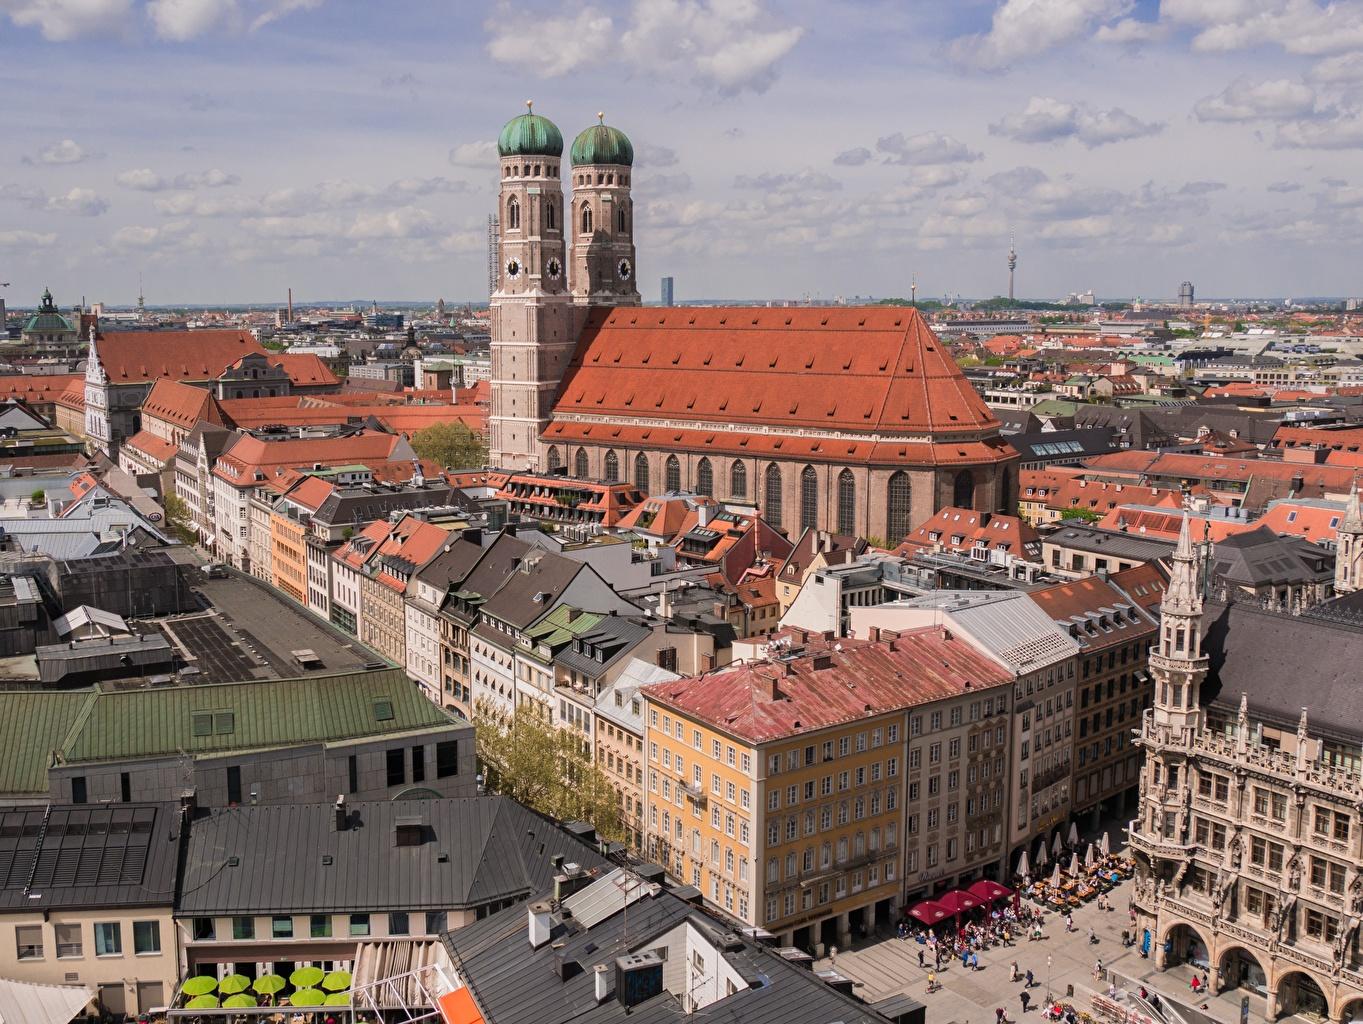 、ミュンヘン、住宅、ドイツ、大聖堂、Frauenkirche、バイエルン州、屋根、建物、都市、